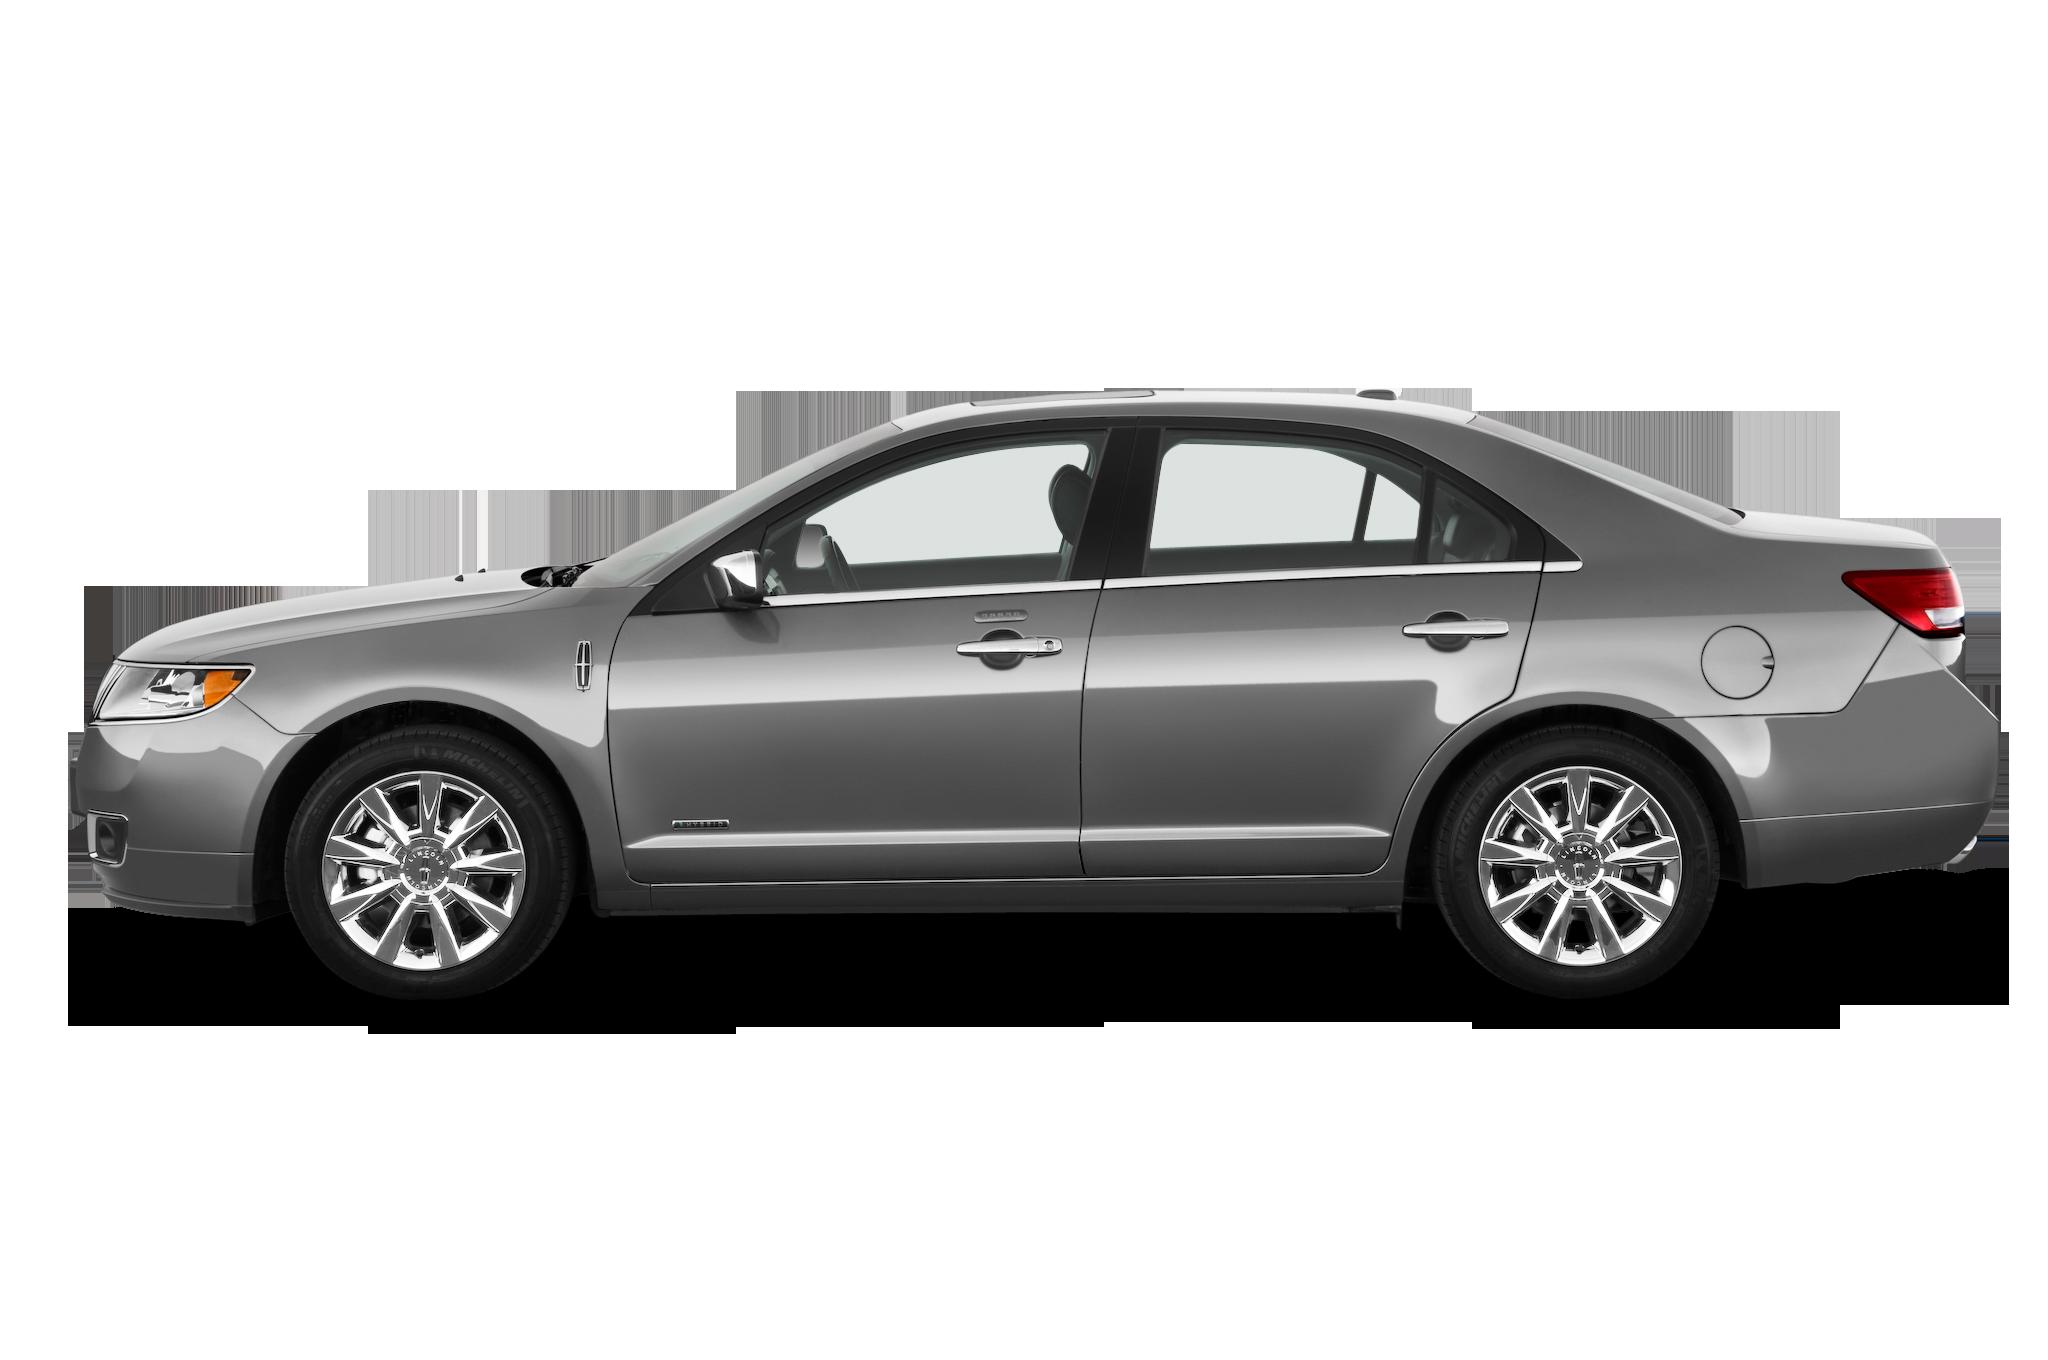 Lincoln MKZ I (Zephyr) Restyling 2009 - 2012 Sedan #7